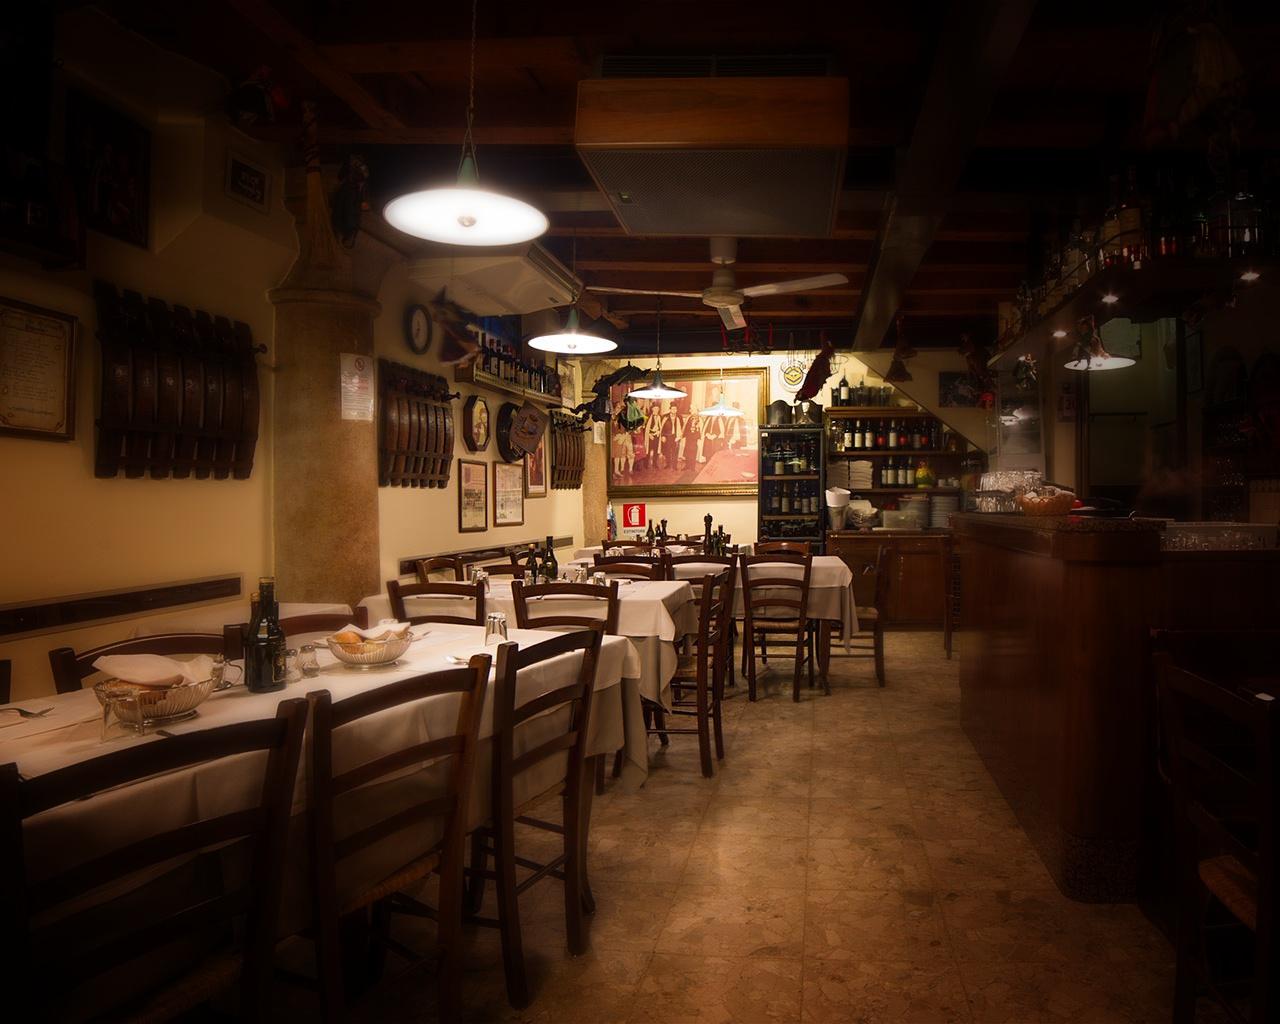 ba16f98236b7 Osteria Al Duca  cucina tipica tradizionale - Verona (Veneto)